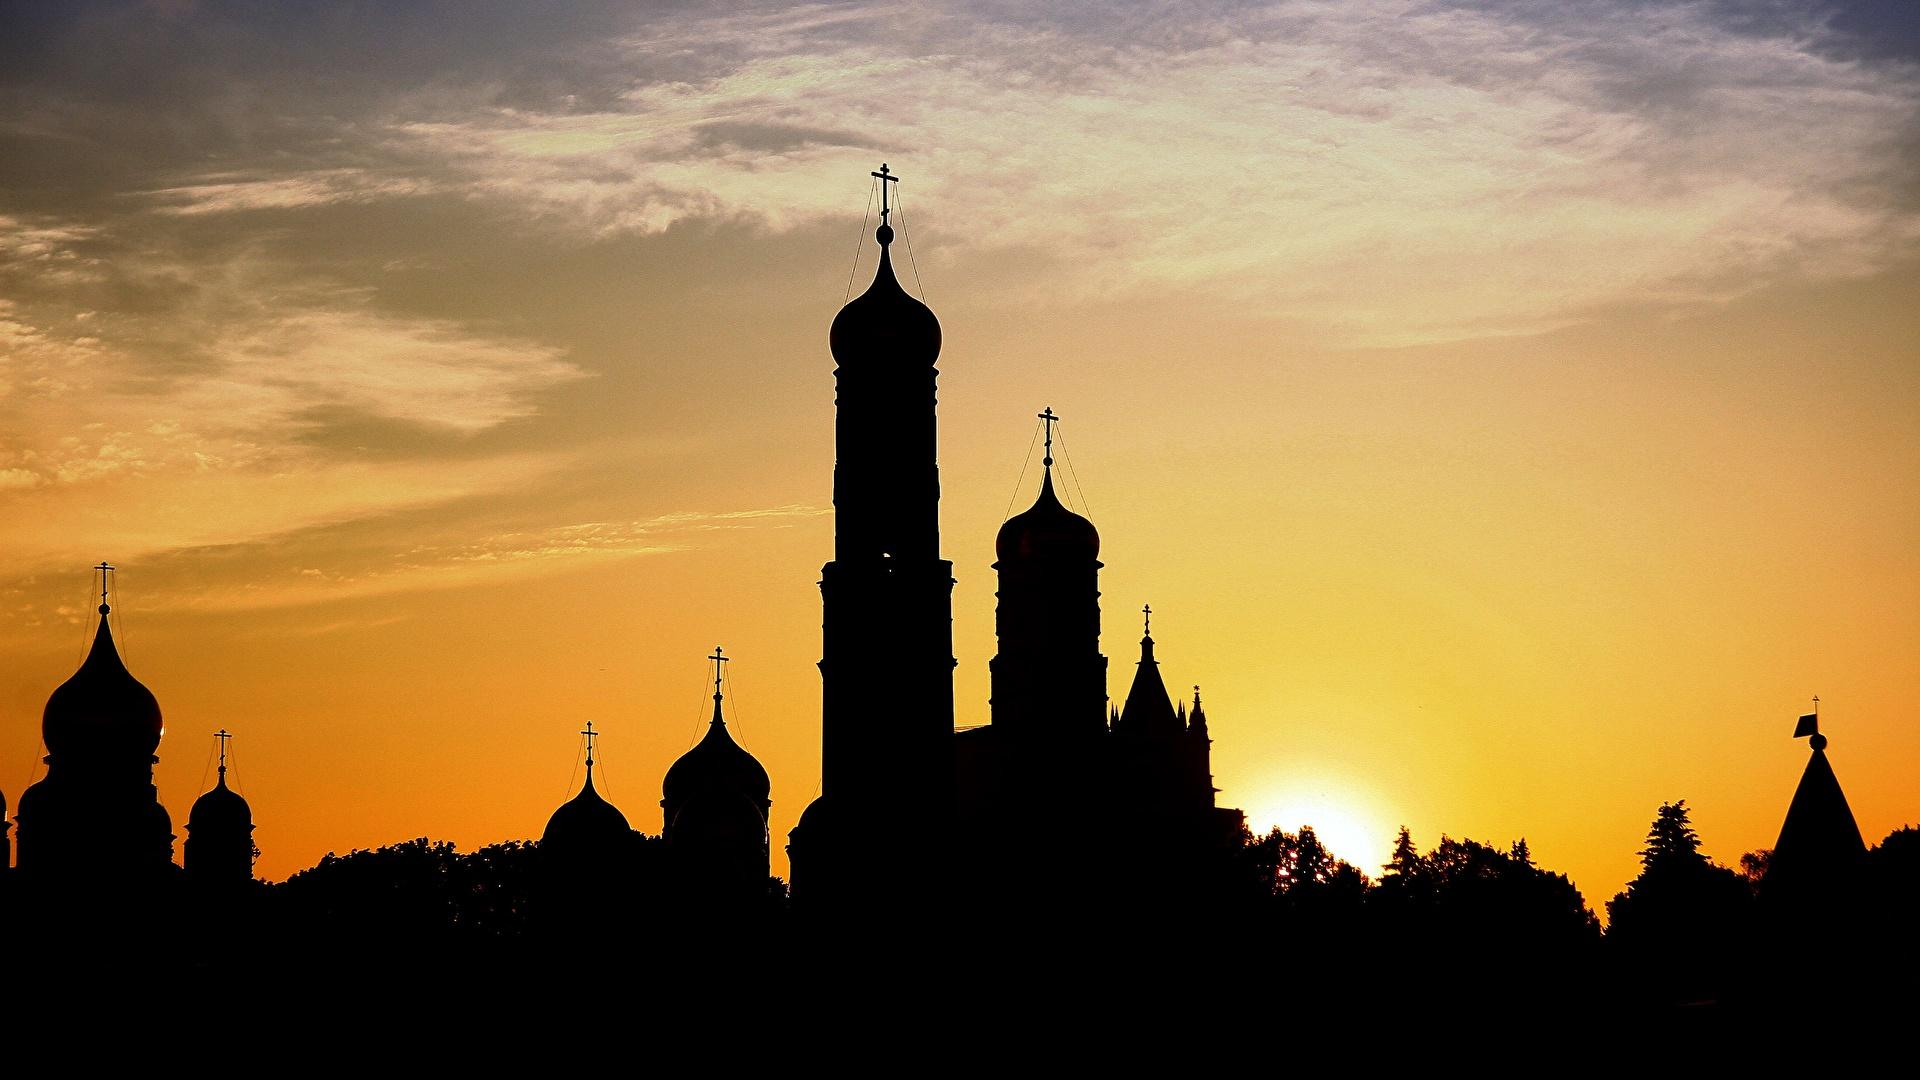 Фотография Церковь силуэта Купол рассвет и закат Города 1920x1080 Силуэт силуэты купола Рассветы и закаты город